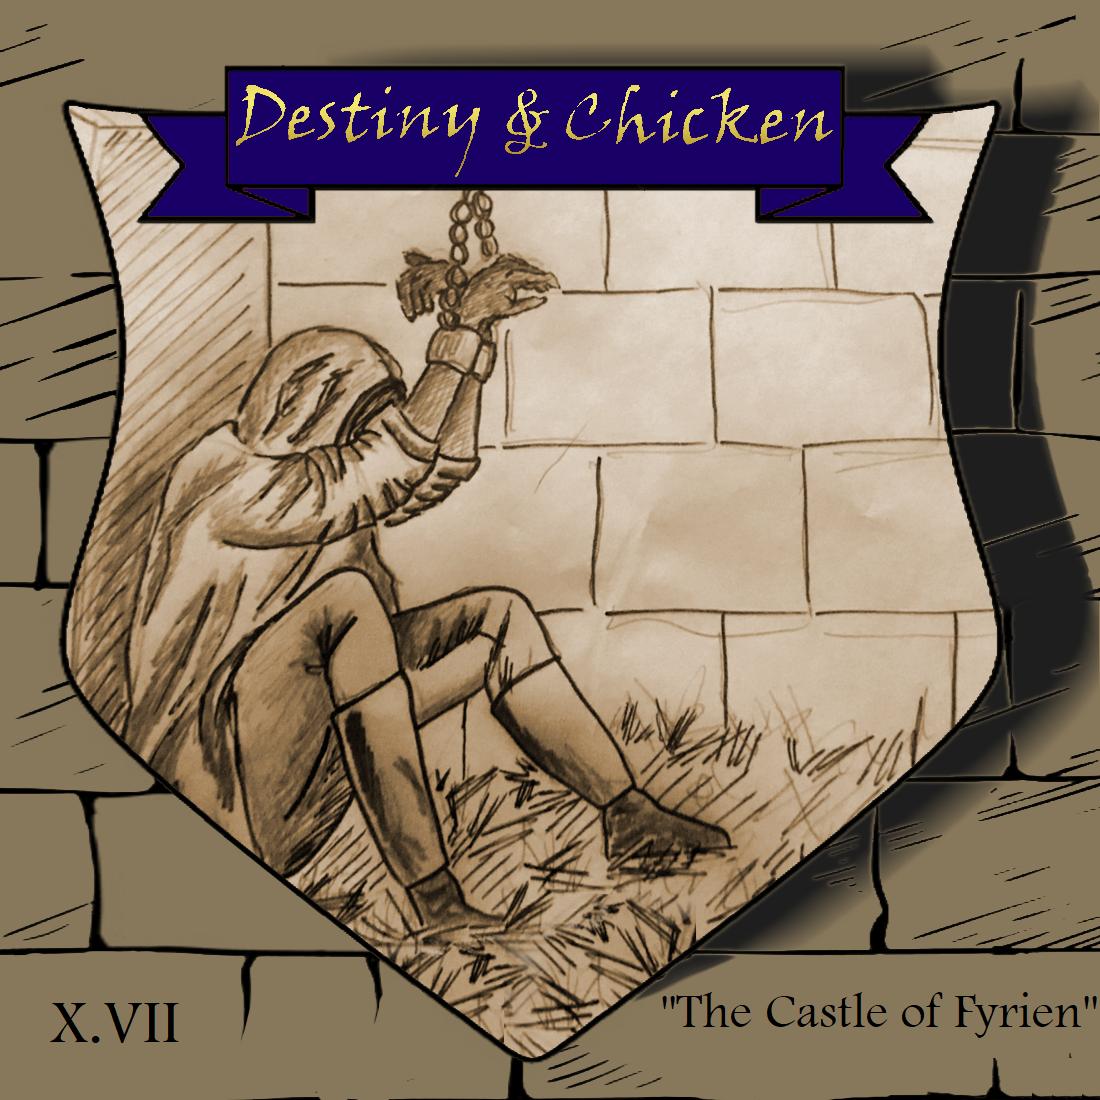 Episode III.VII - The Castle of Fyrien